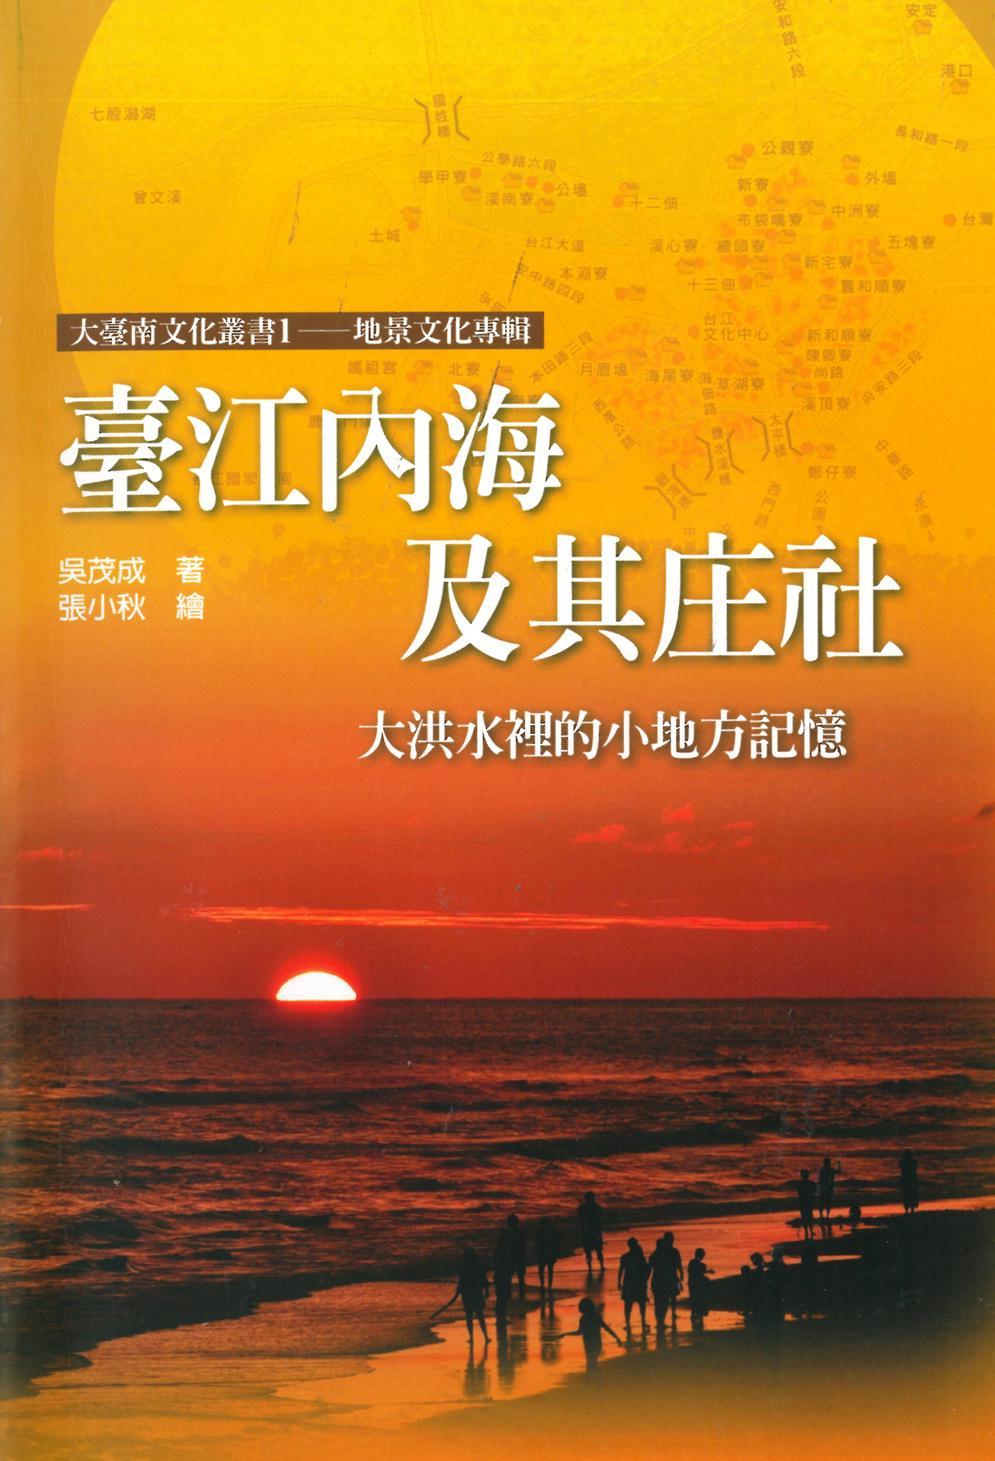 臺江內海及其庄社